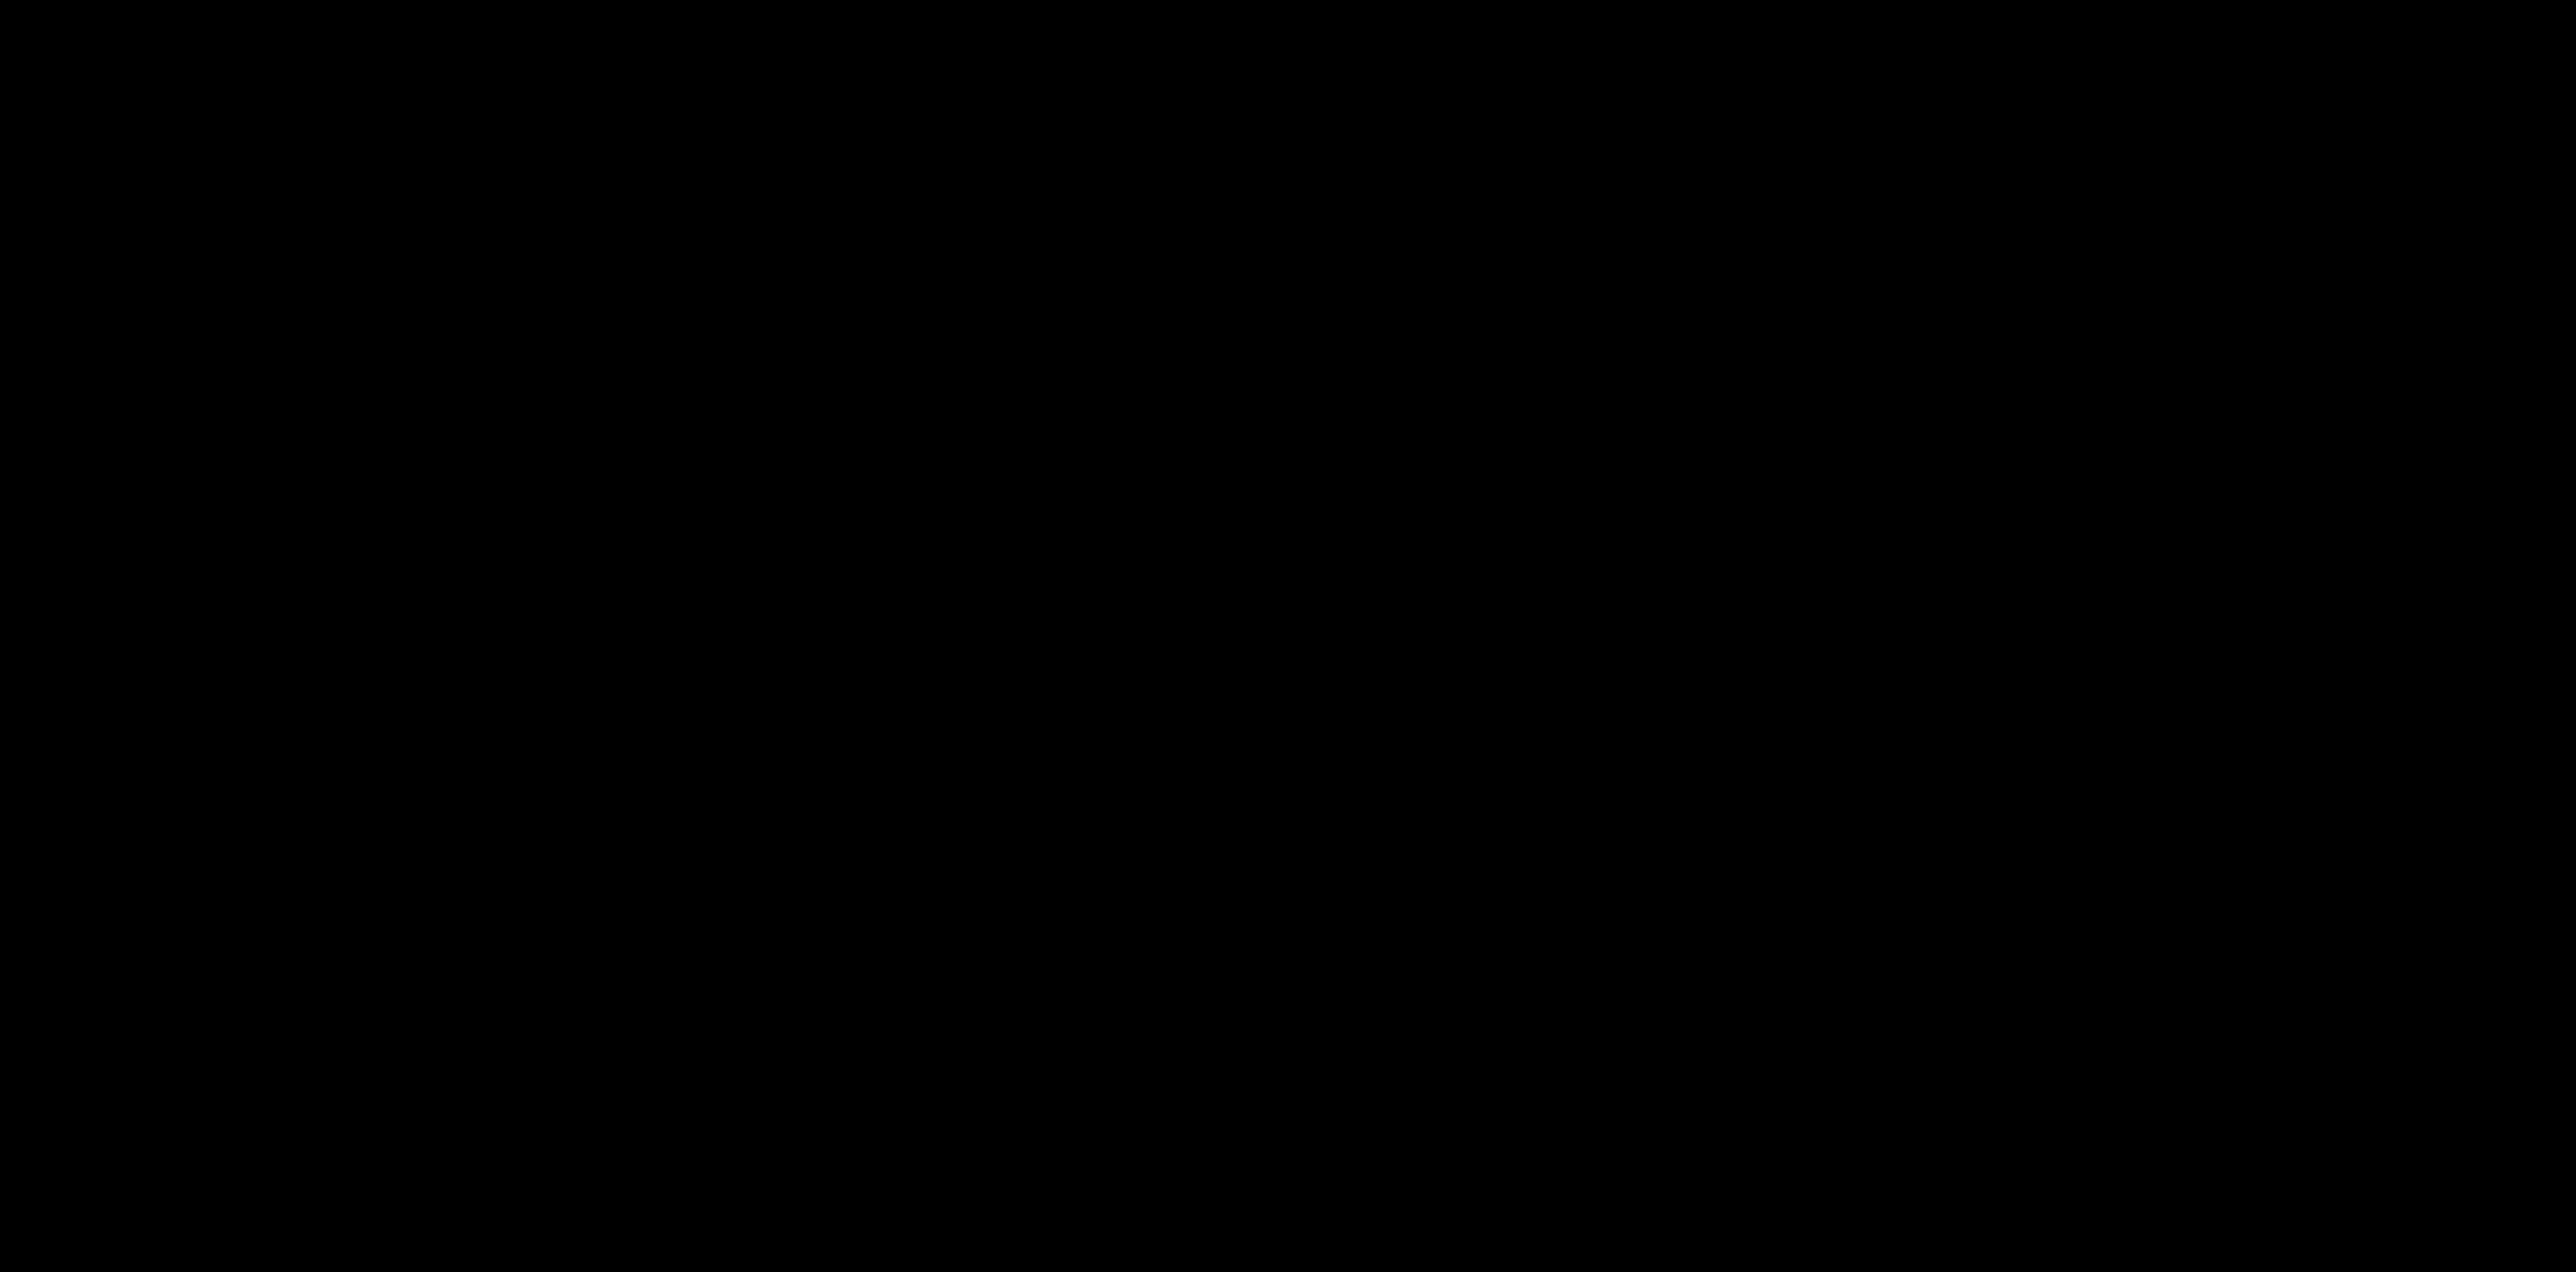 Al Baqarah 284 - 286 | quran | Quran, Bullet journal, Words